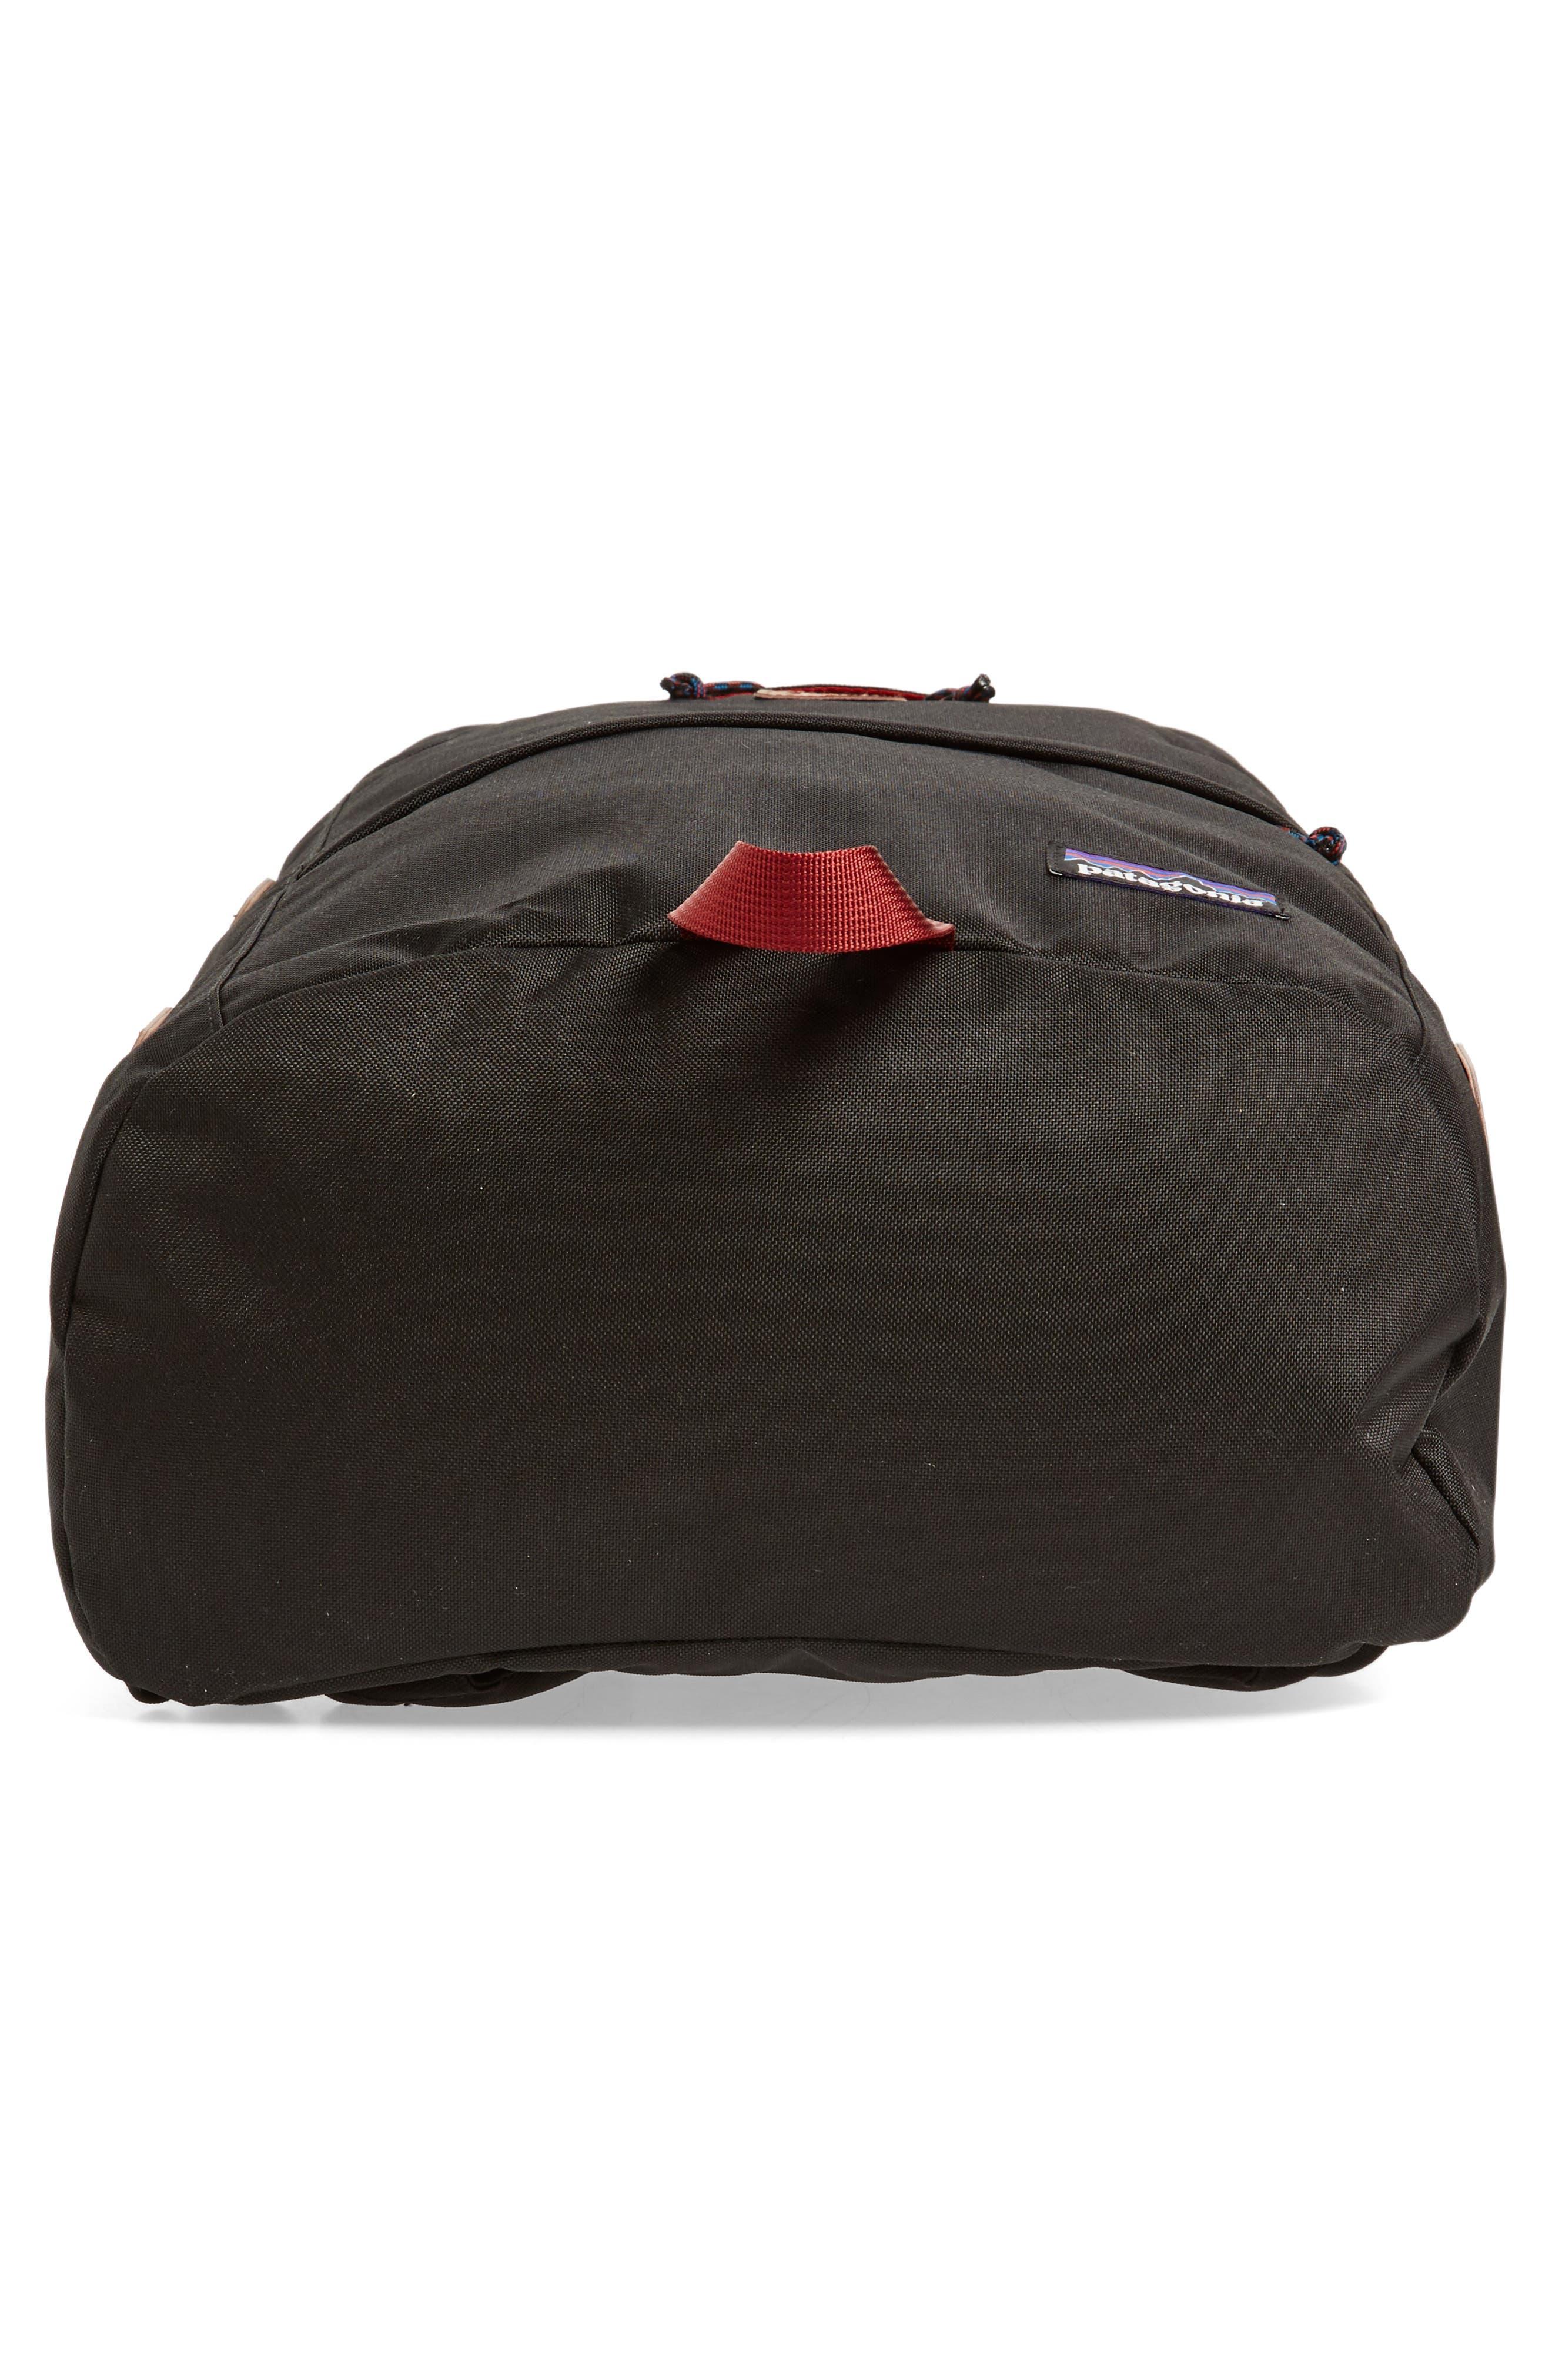 'Toromiro' Backpack,                             Alternate thumbnail 6, color,                             001